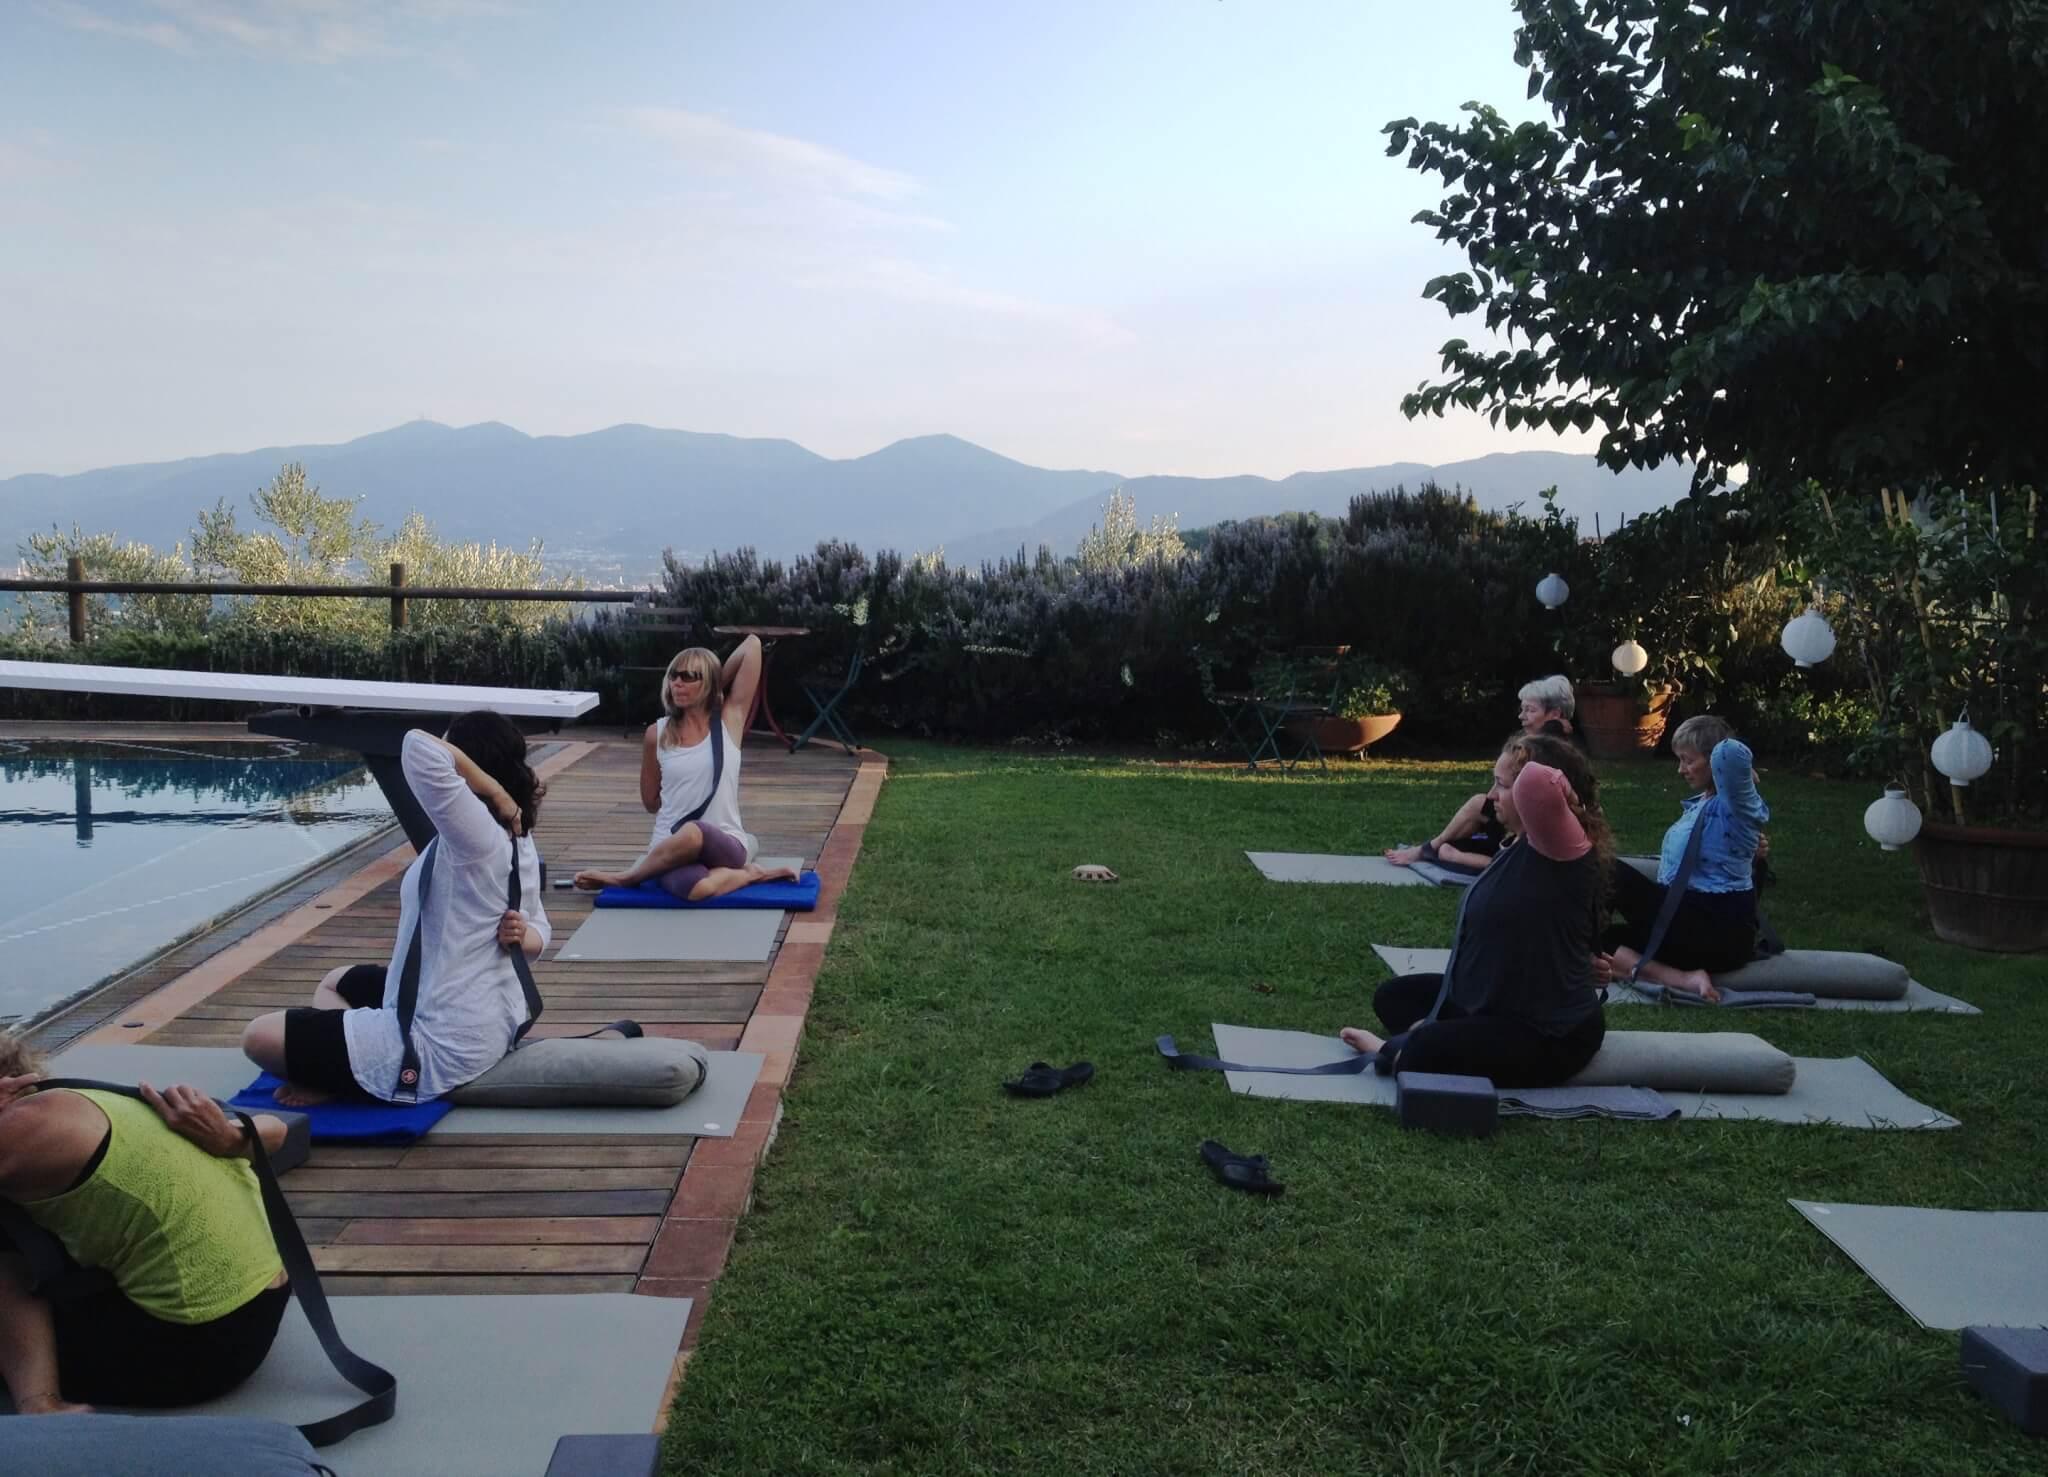 Yoga in Italy - Il Borghino outdoor spaces